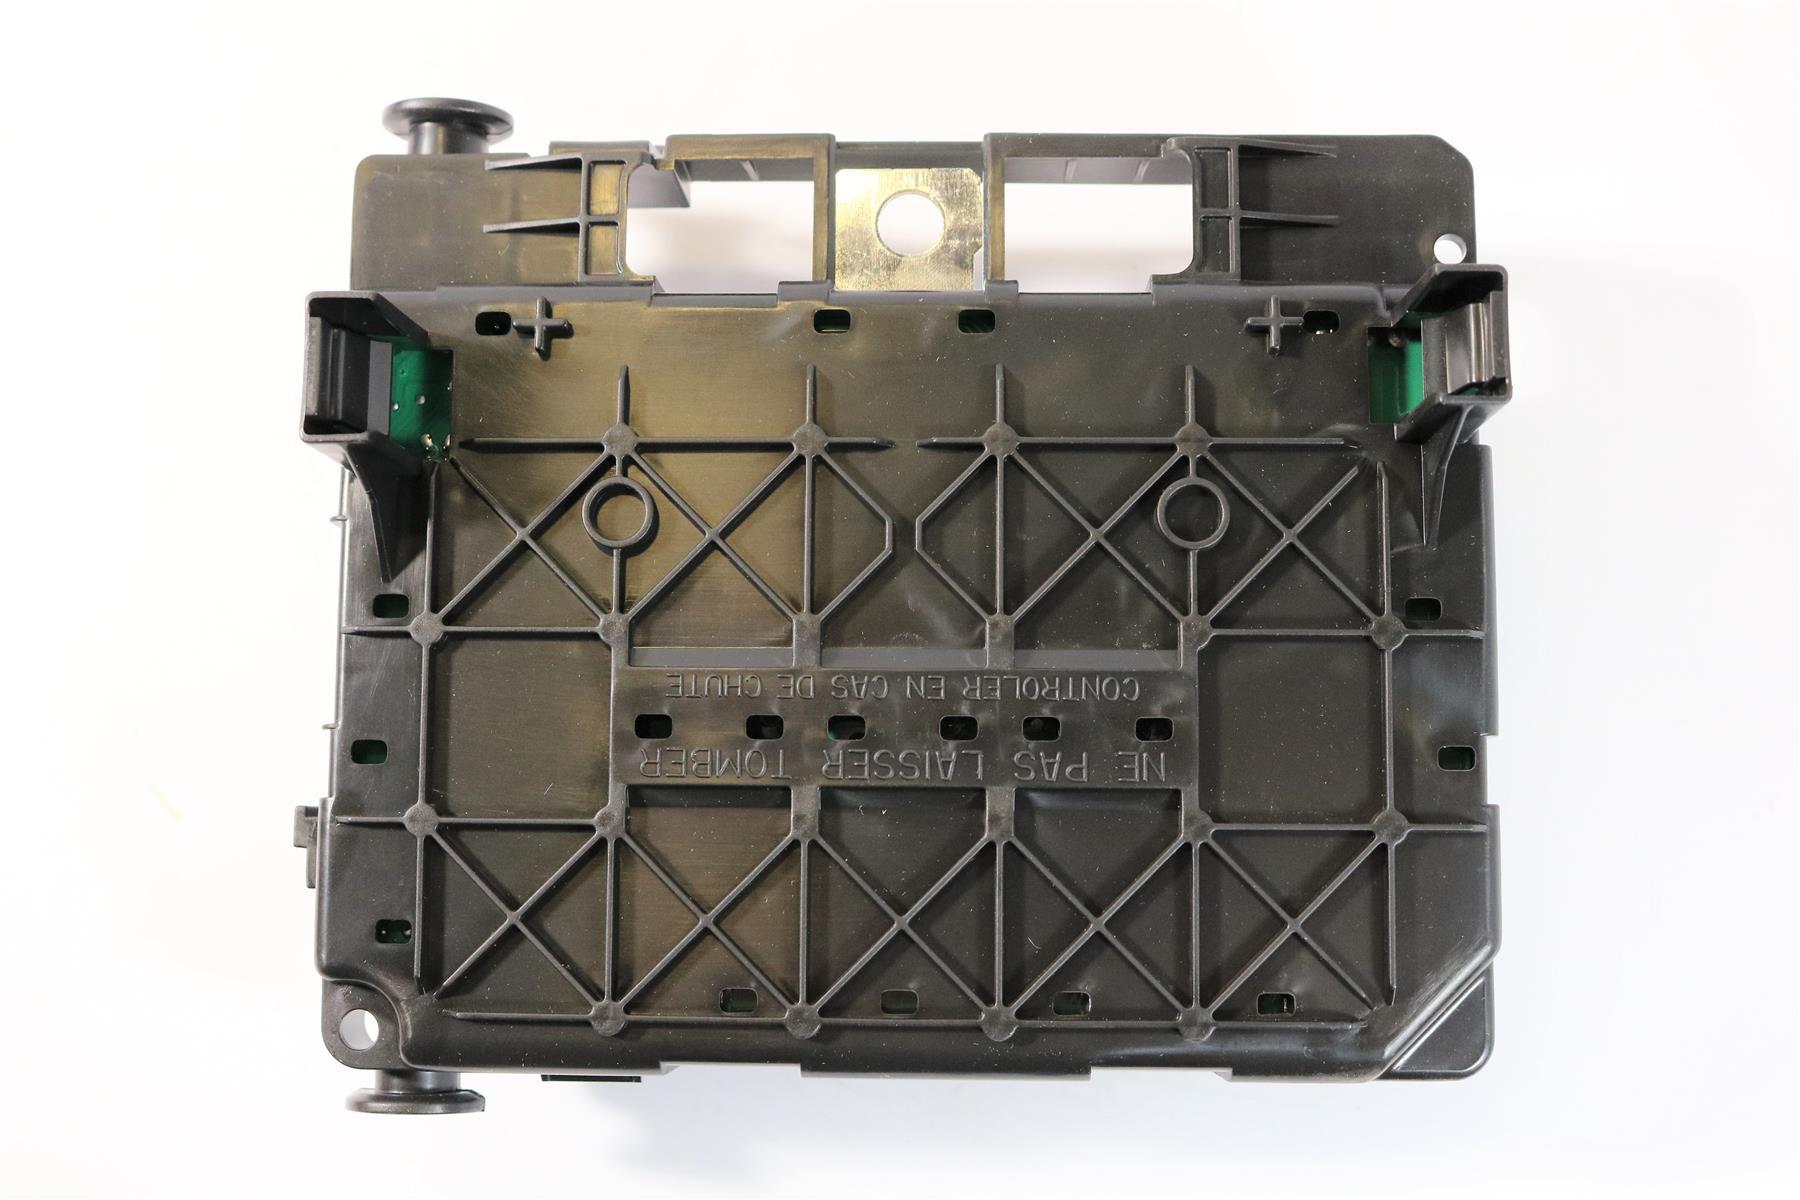 details about psa engine electric system fuse box fits peugeot 206 307 citroen berlingo c3 Peugeot 106